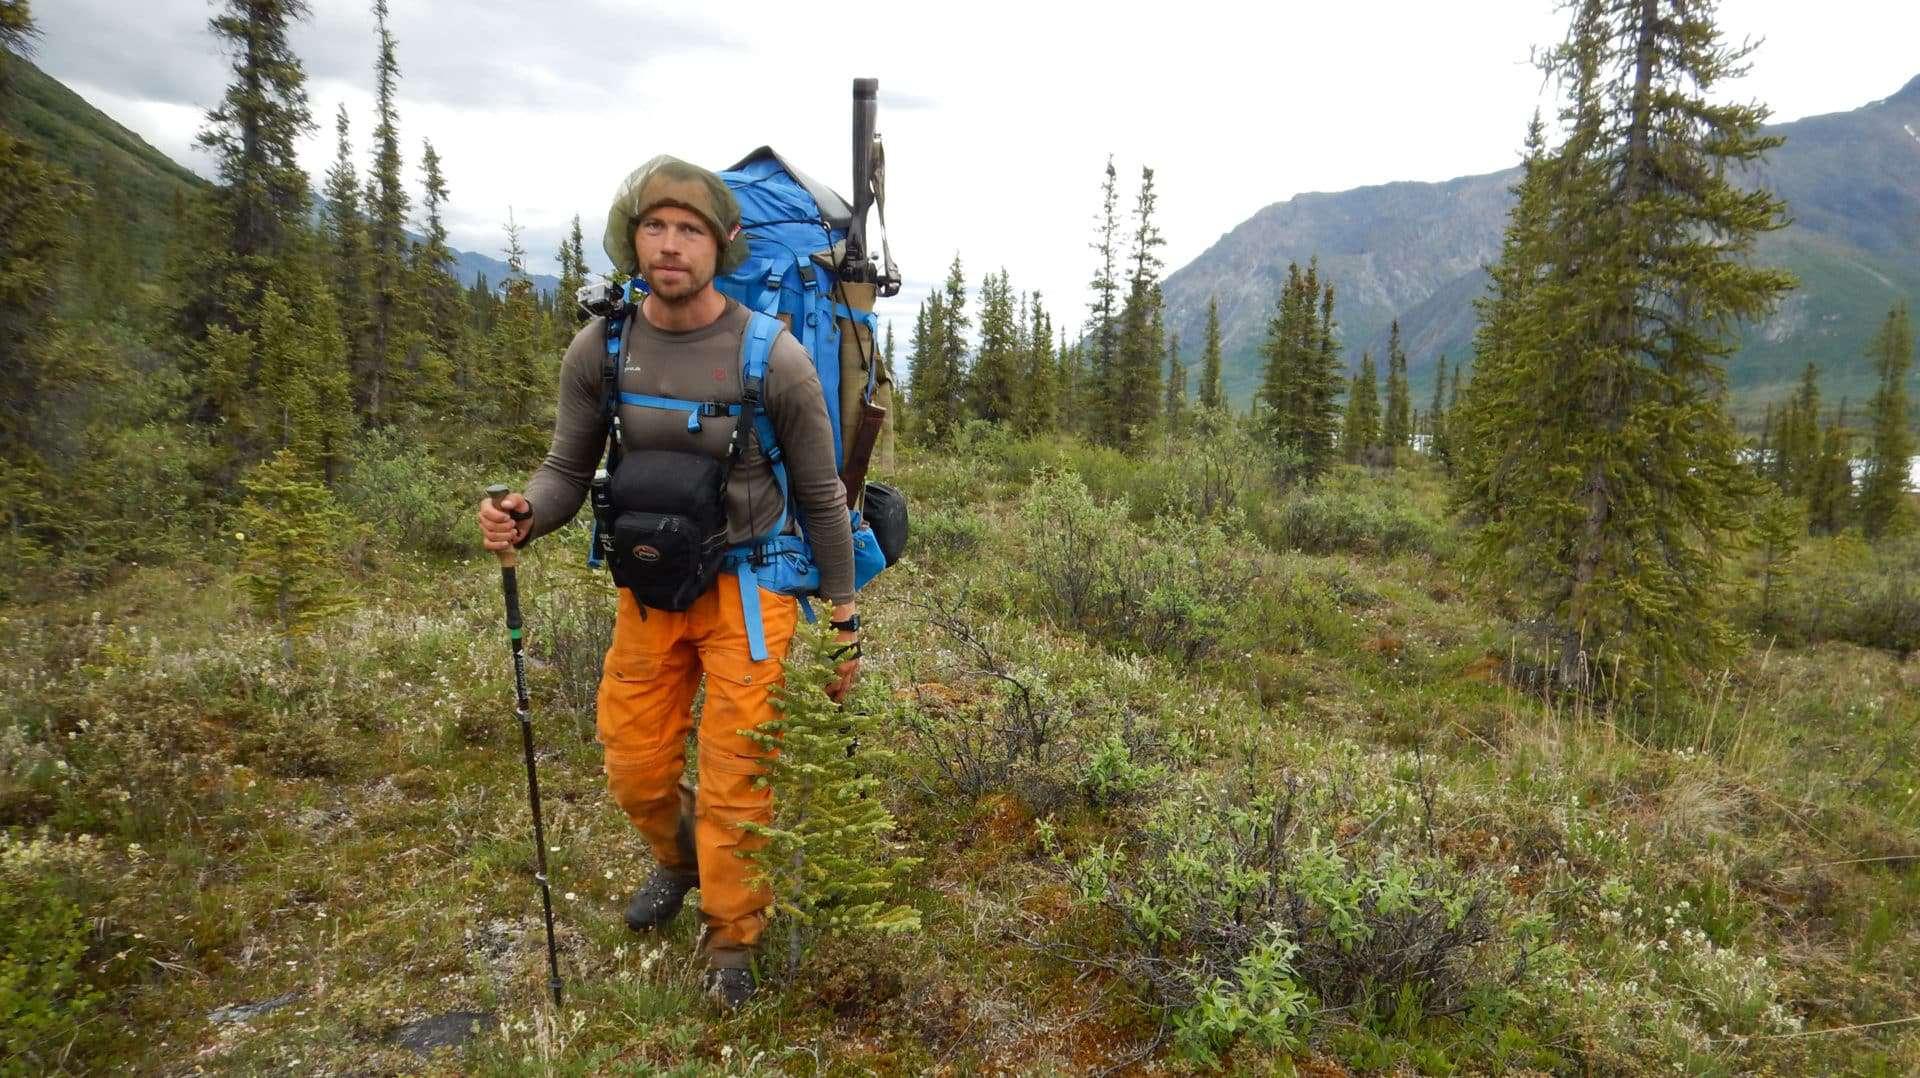 """Billede af Erik B. Jørgensen der vandre med stor rygsæk og gevær under """"Alaska på tværs"""""""